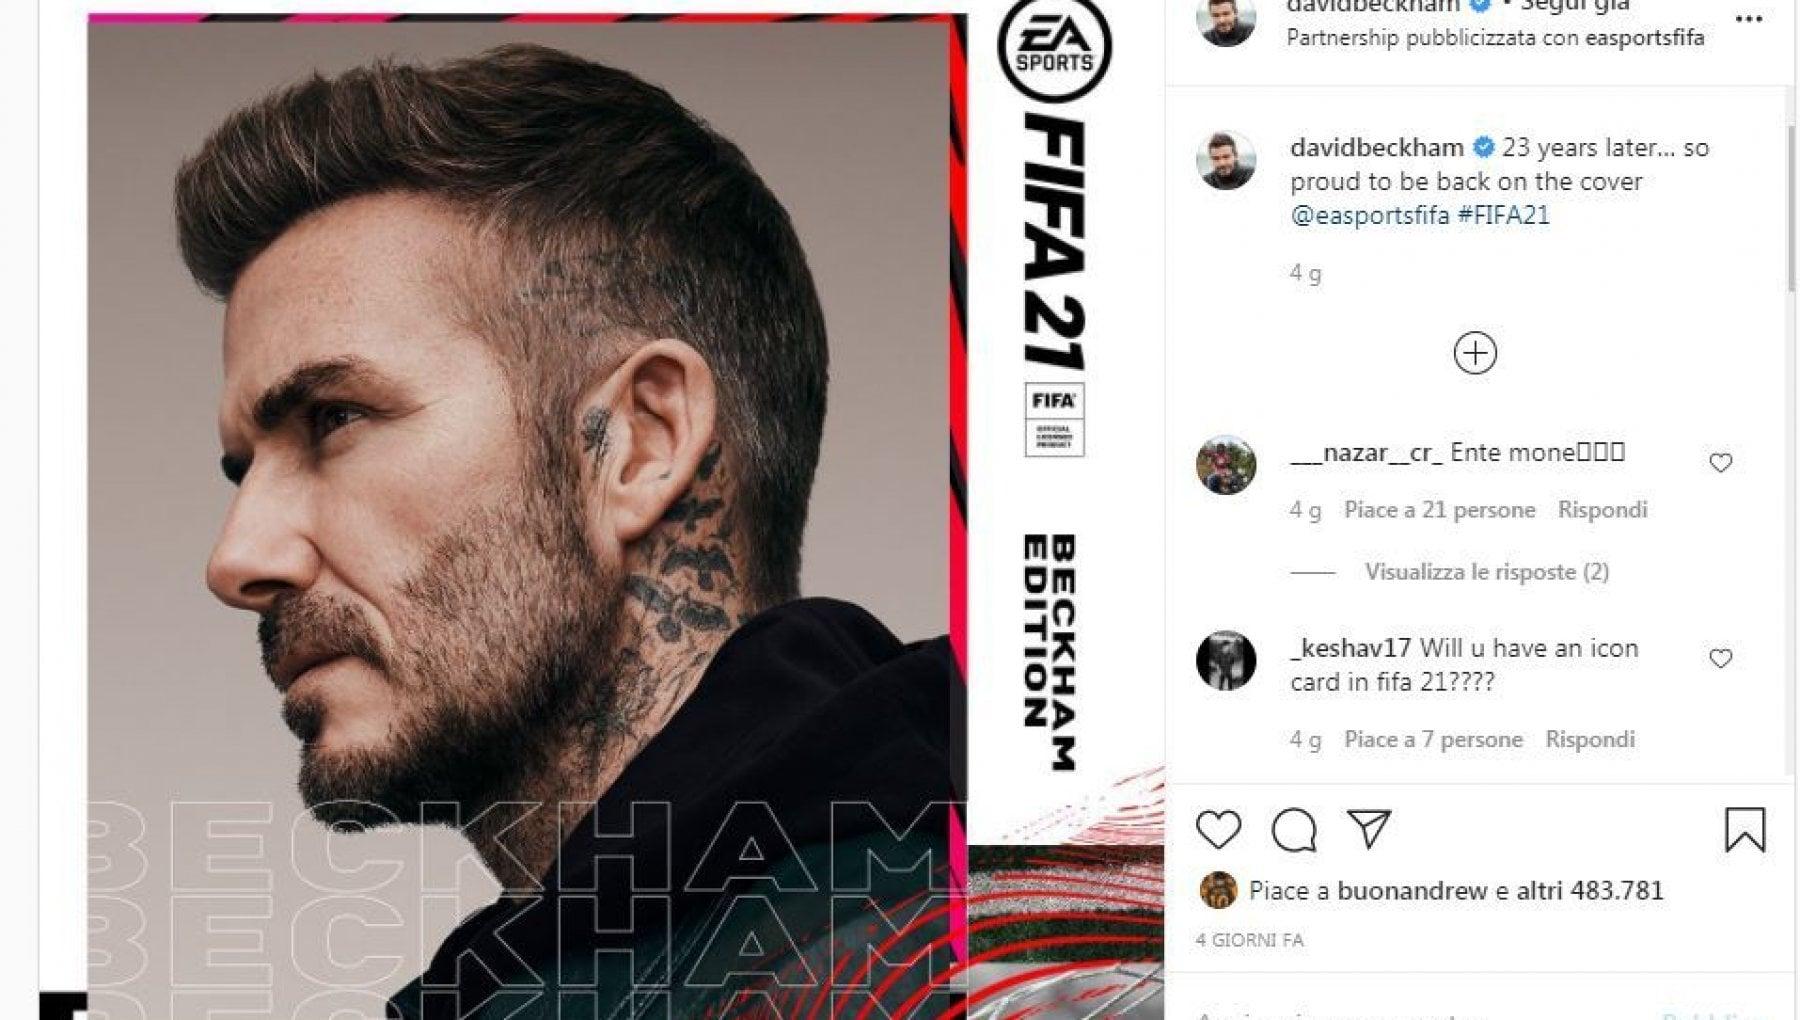 Calcio Beckham guadagnera di piu nel videogame che sul campo